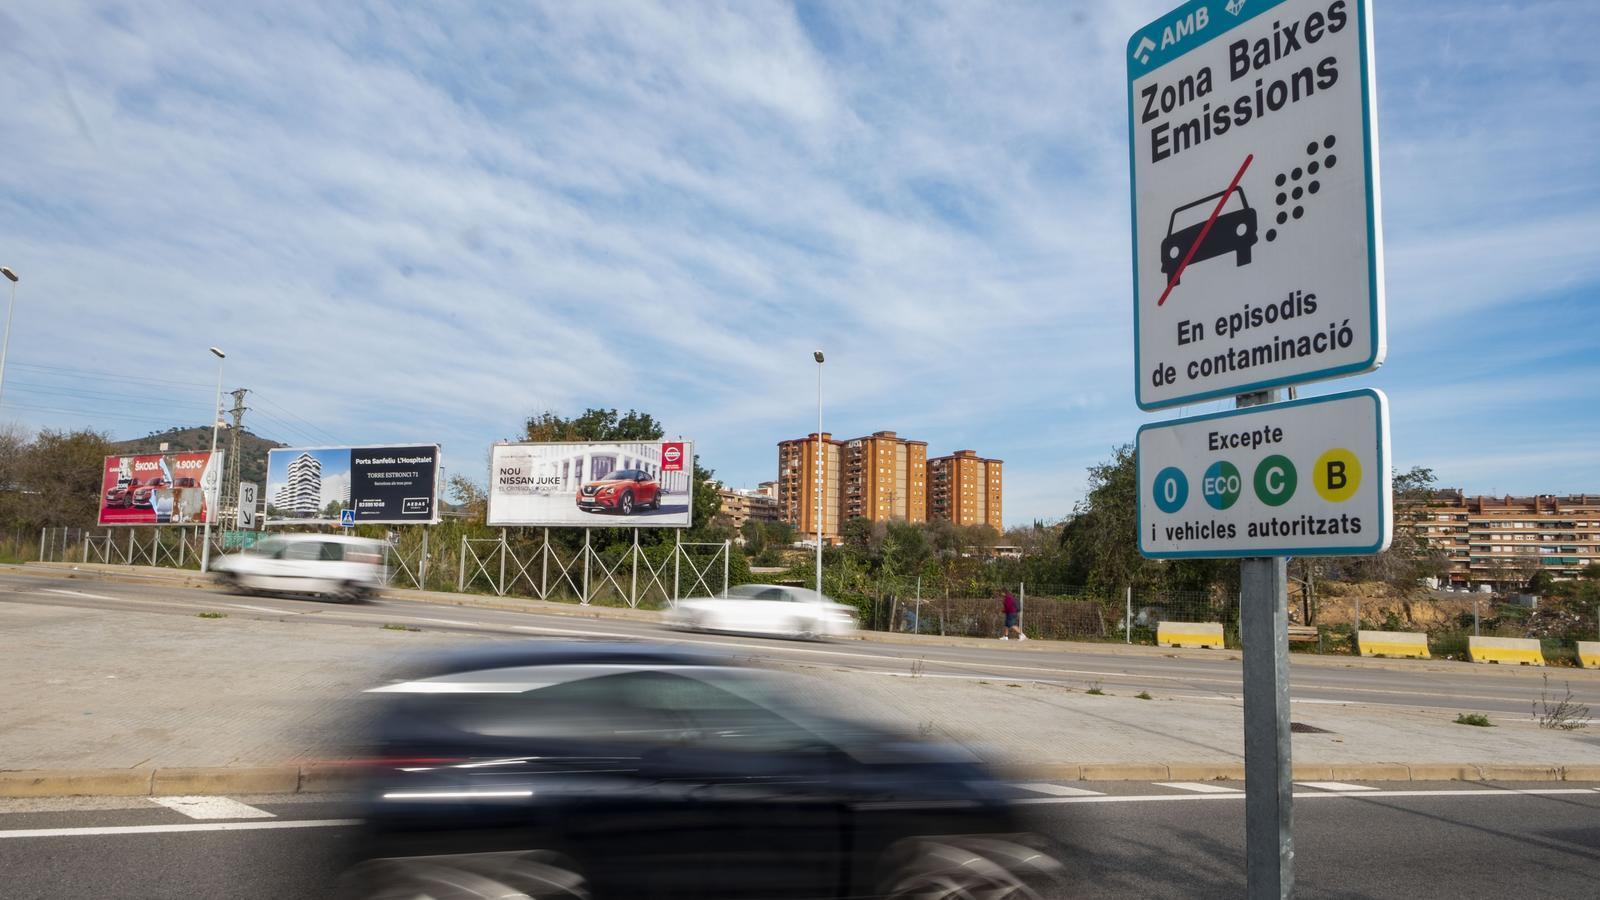 La zona de baixes emissions neix sense reforç addicional al transport públic